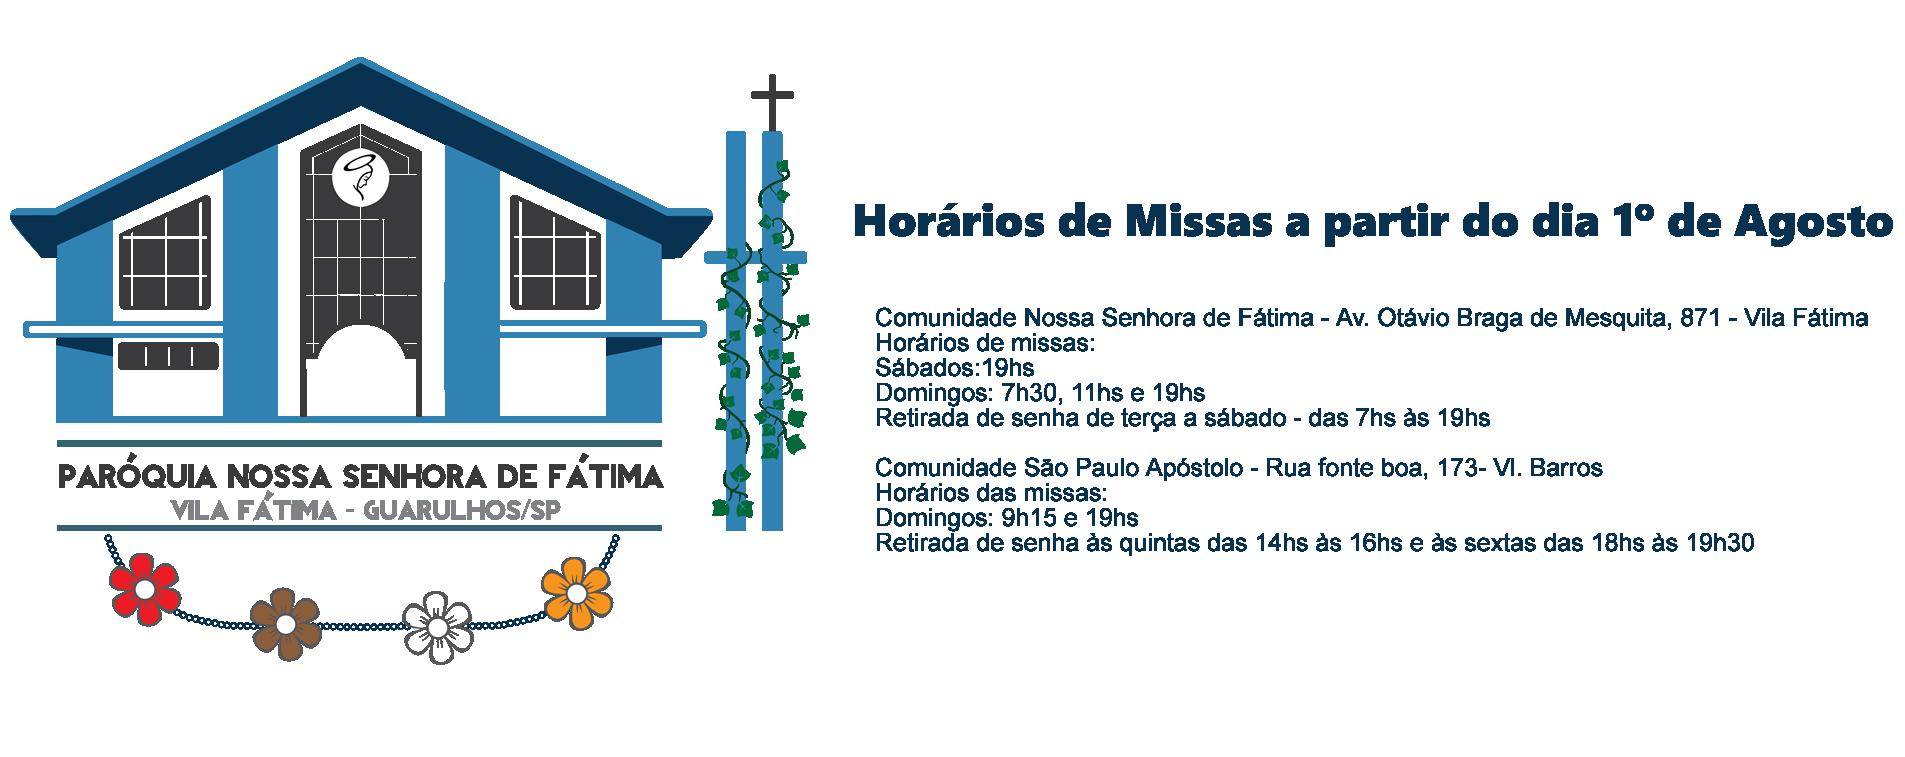 Paróquia Nossa Senhora de Fátima - Vila Fátima - Guarulhos/SP